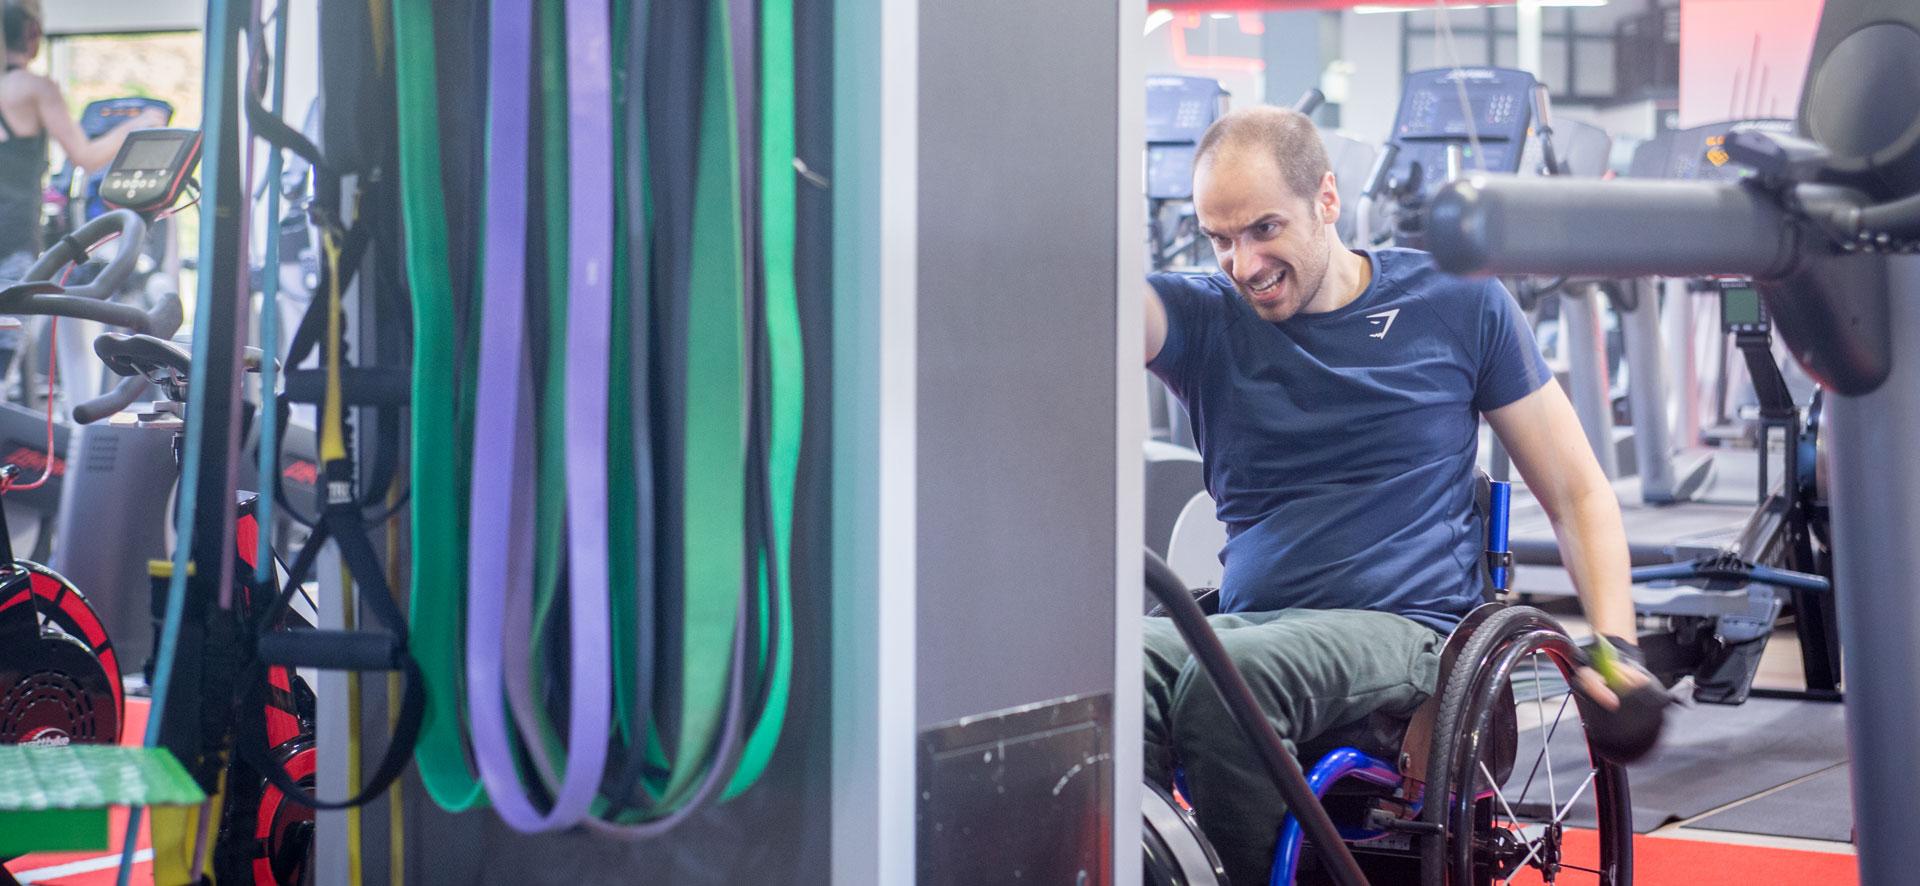 Ben Clark: Quadriplegic Personal Trainer